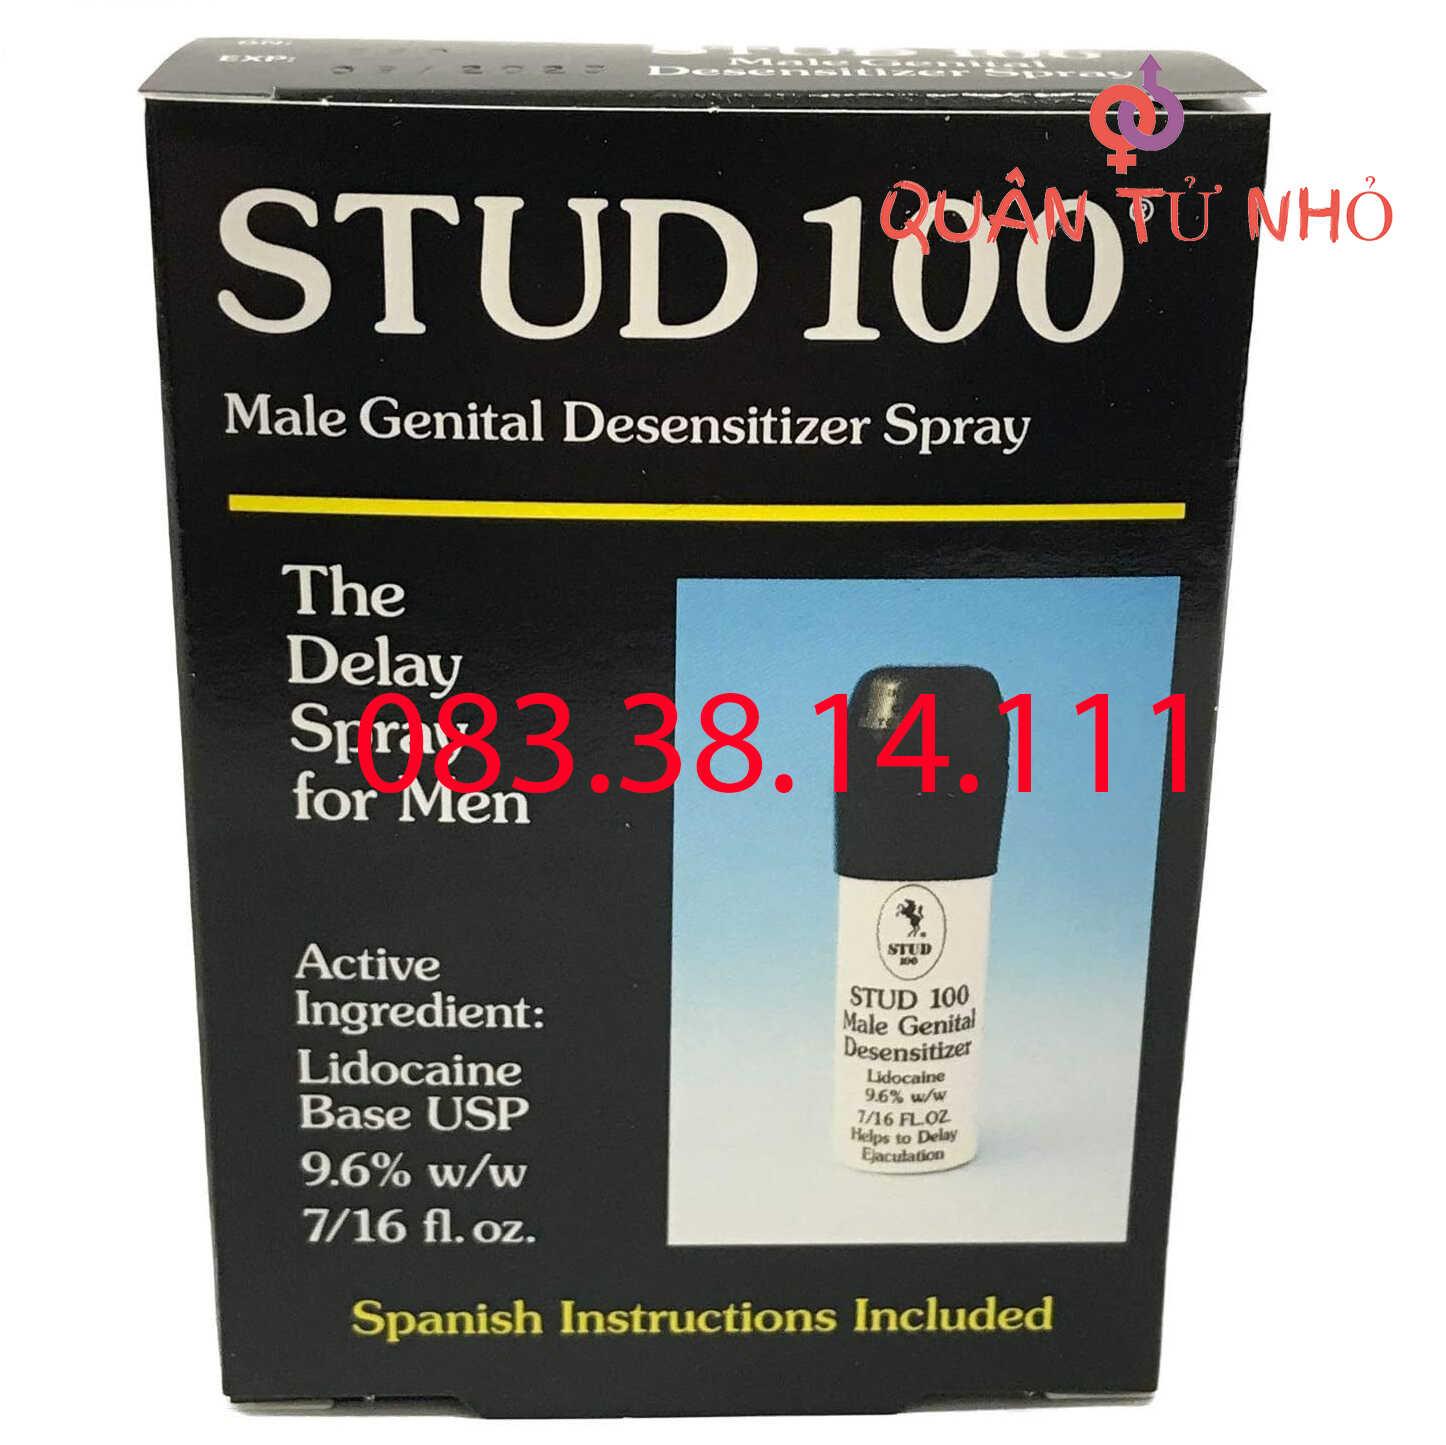 Chai thuốc xịt Stud 100 chính hãng Anh